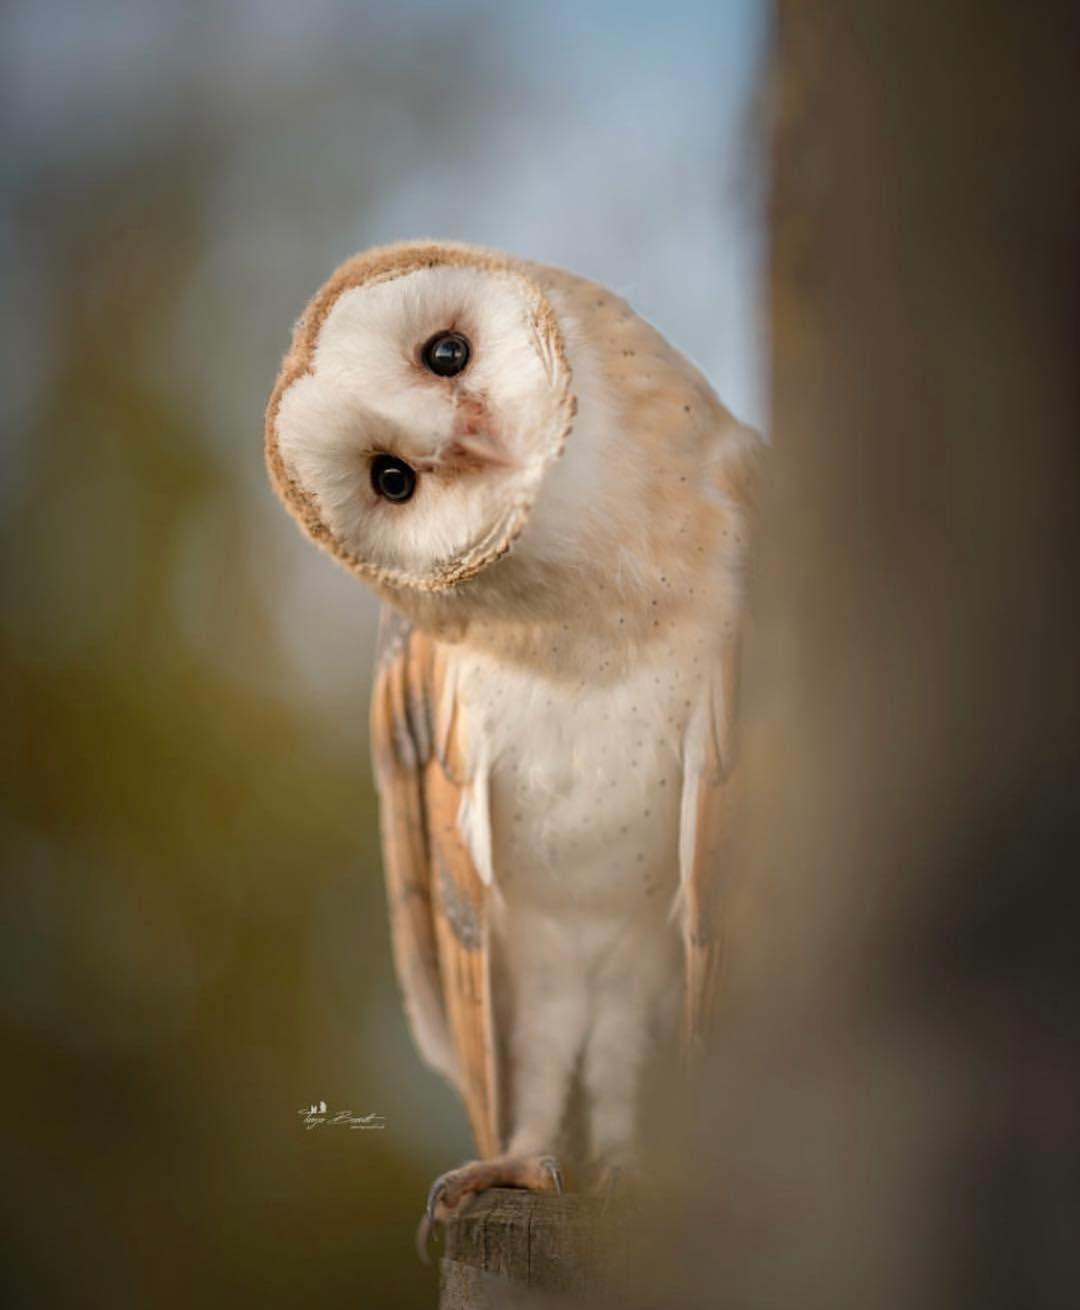 Best Bird Shots On Instagram Congrats To Tanja Brandt For